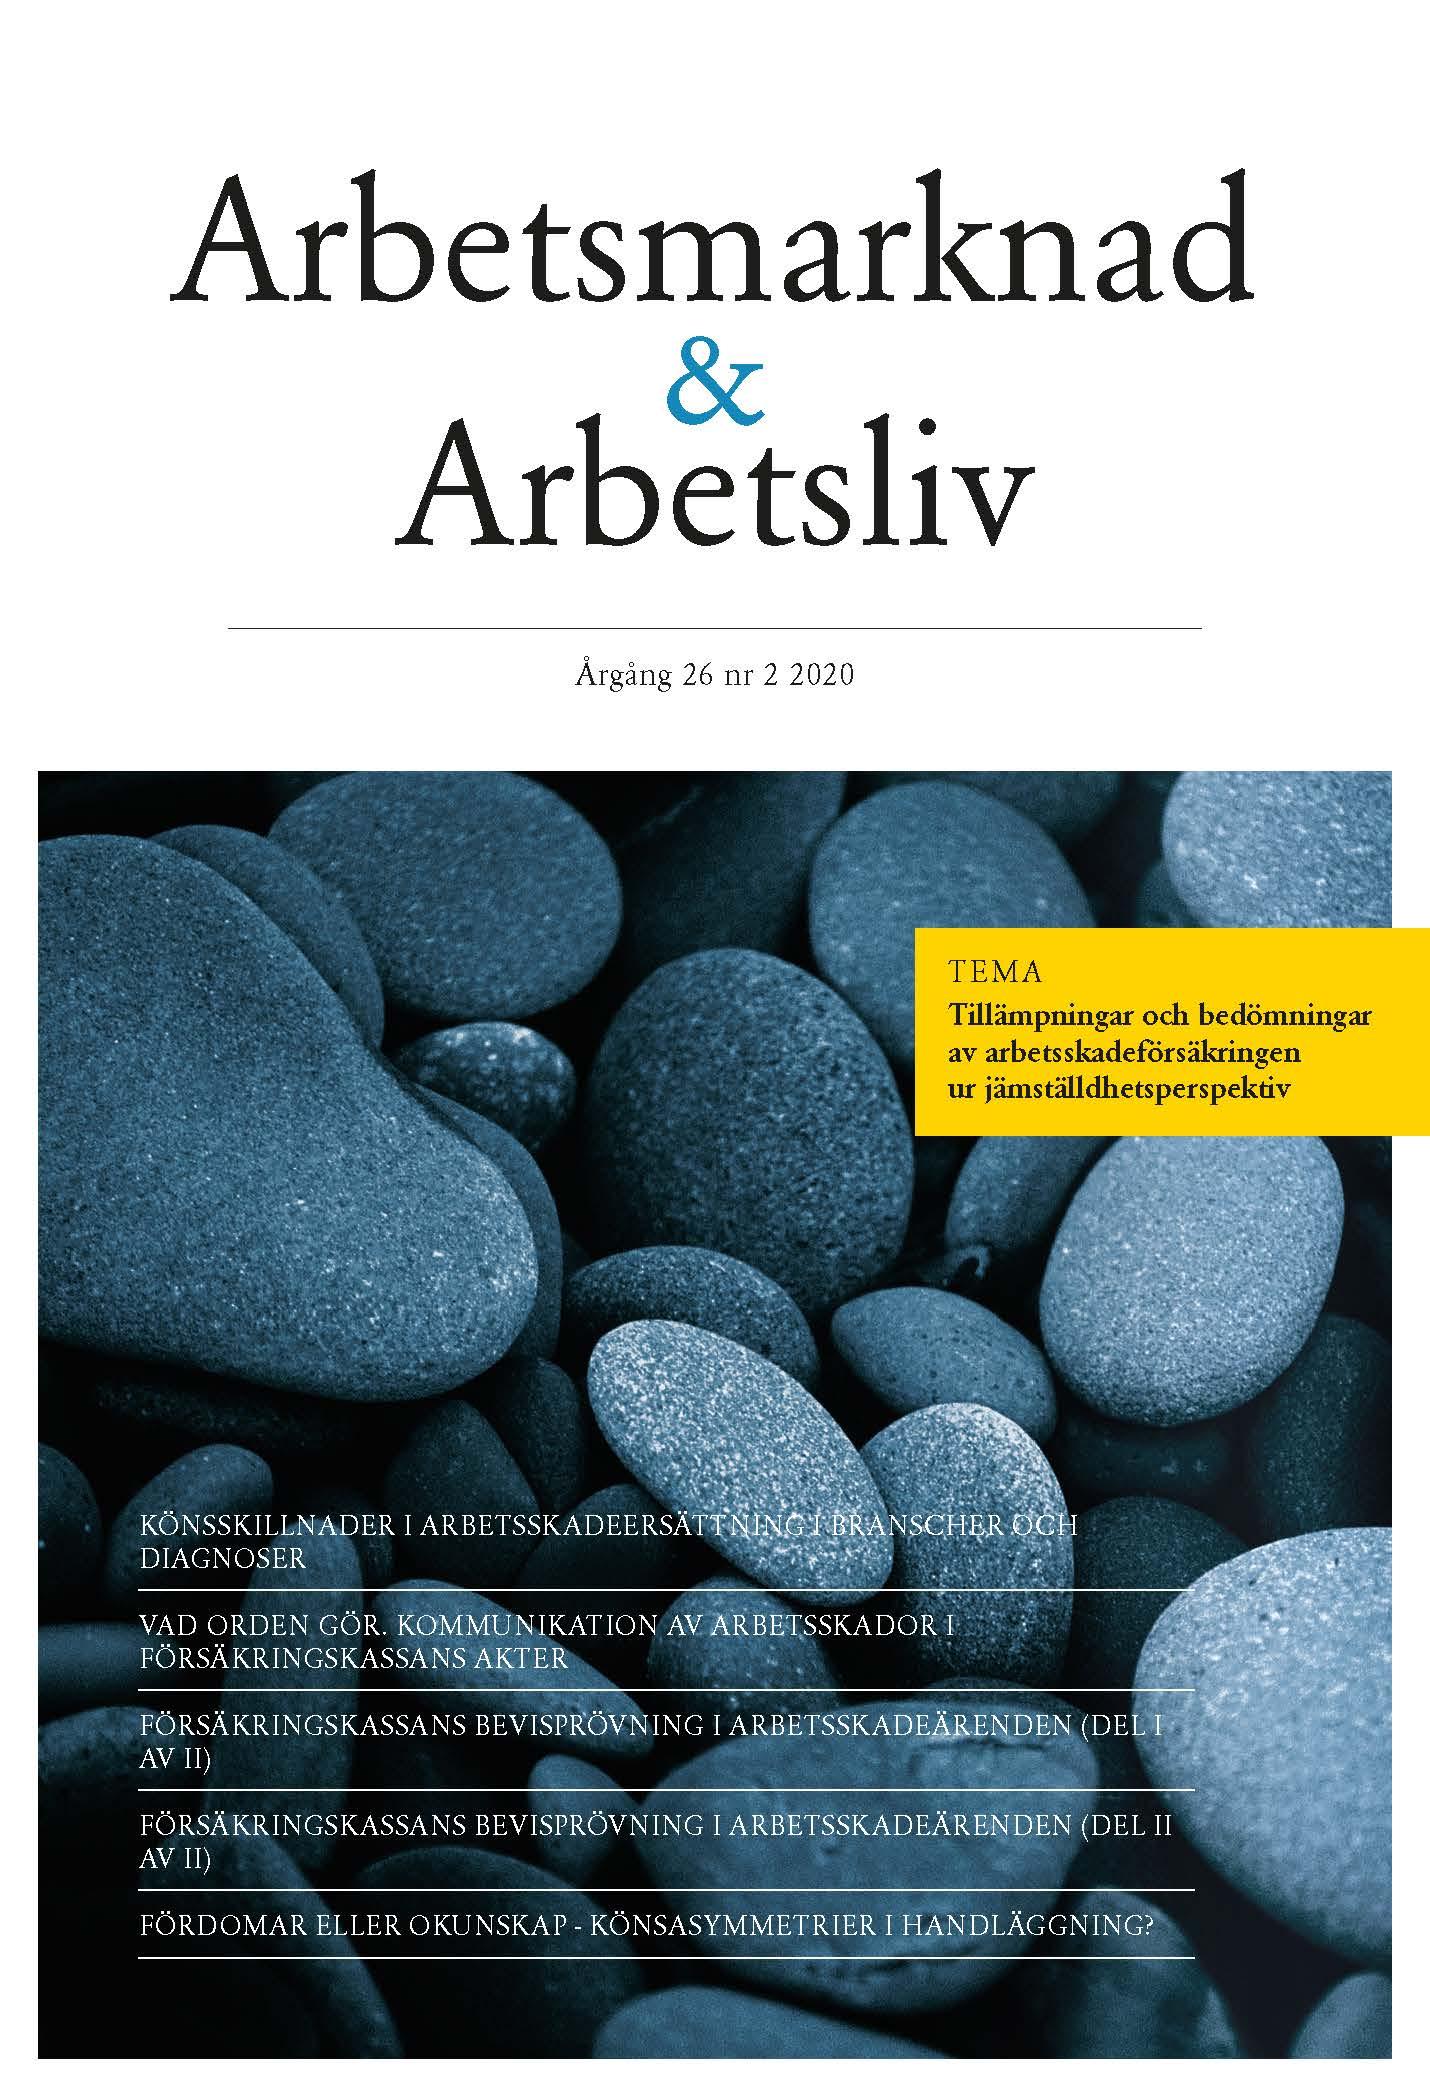 Visa Vol 26 Nr 2 (2020): Arbetsmarknad & Arbetsliv